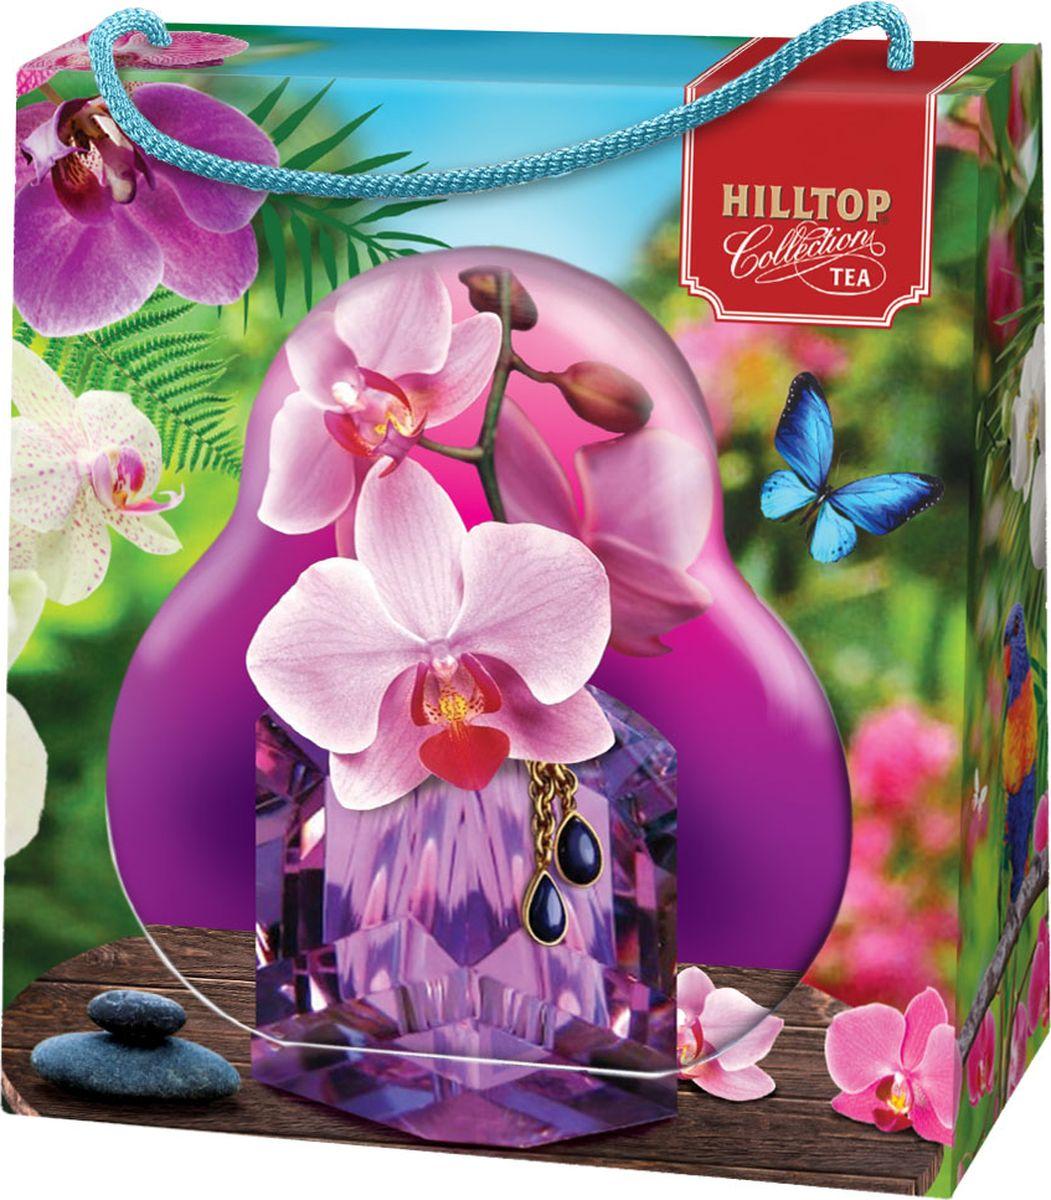 Hilltop Орхидея чай листовой с чабрецом, 50 г hilltop люблю листовой чай молочный оолонг 50 г